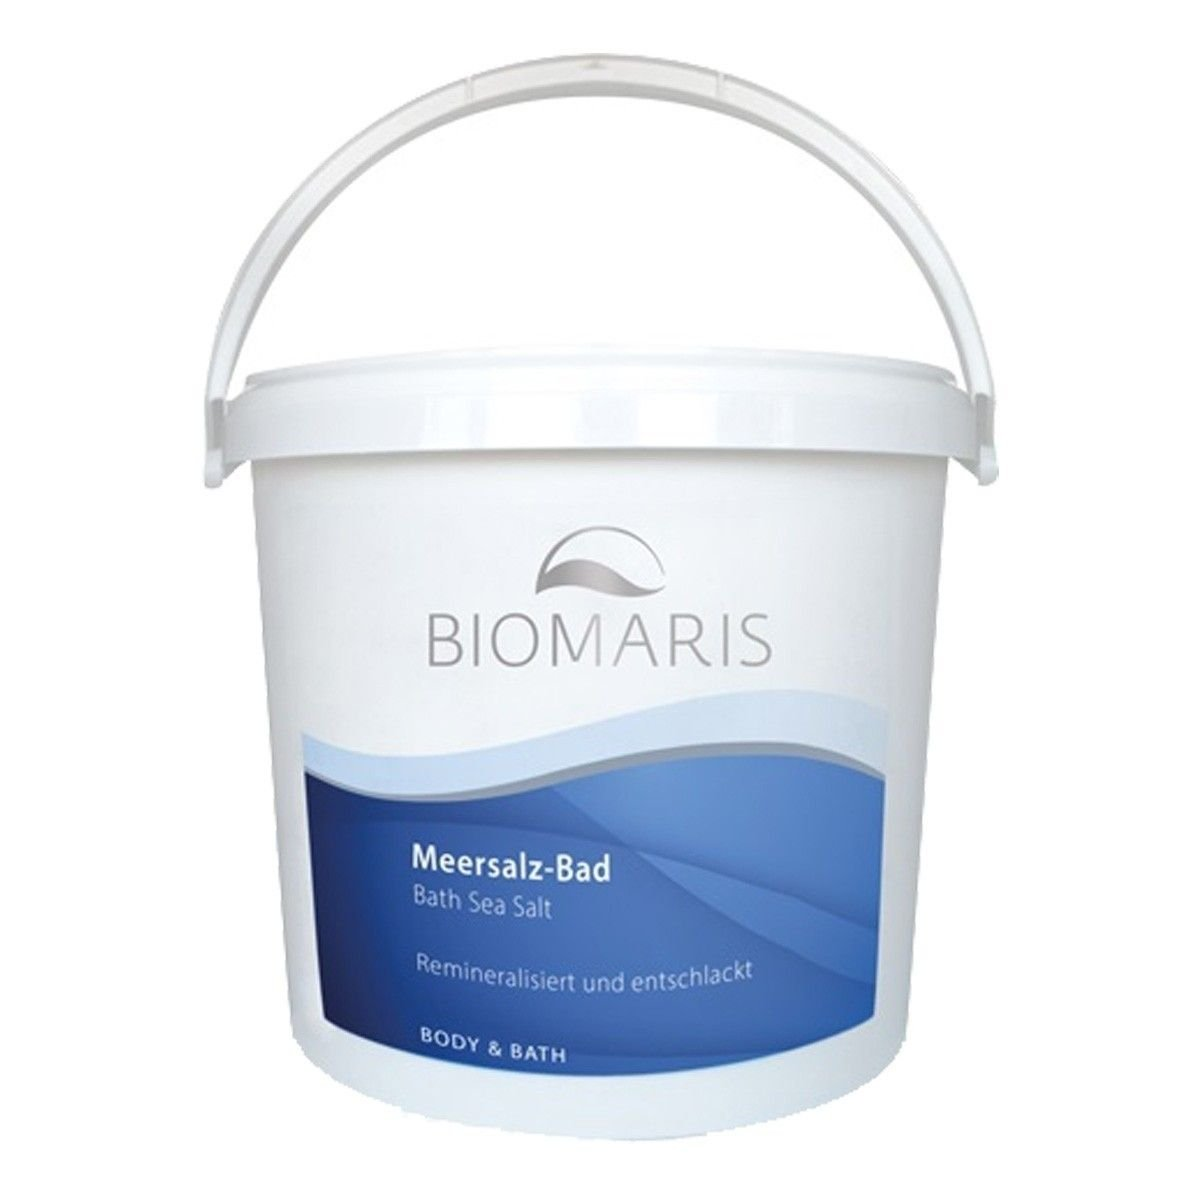 Afbeelding van Biomaris Bath Sea Salt 6 kg Body Care Huidirritatie Beauty